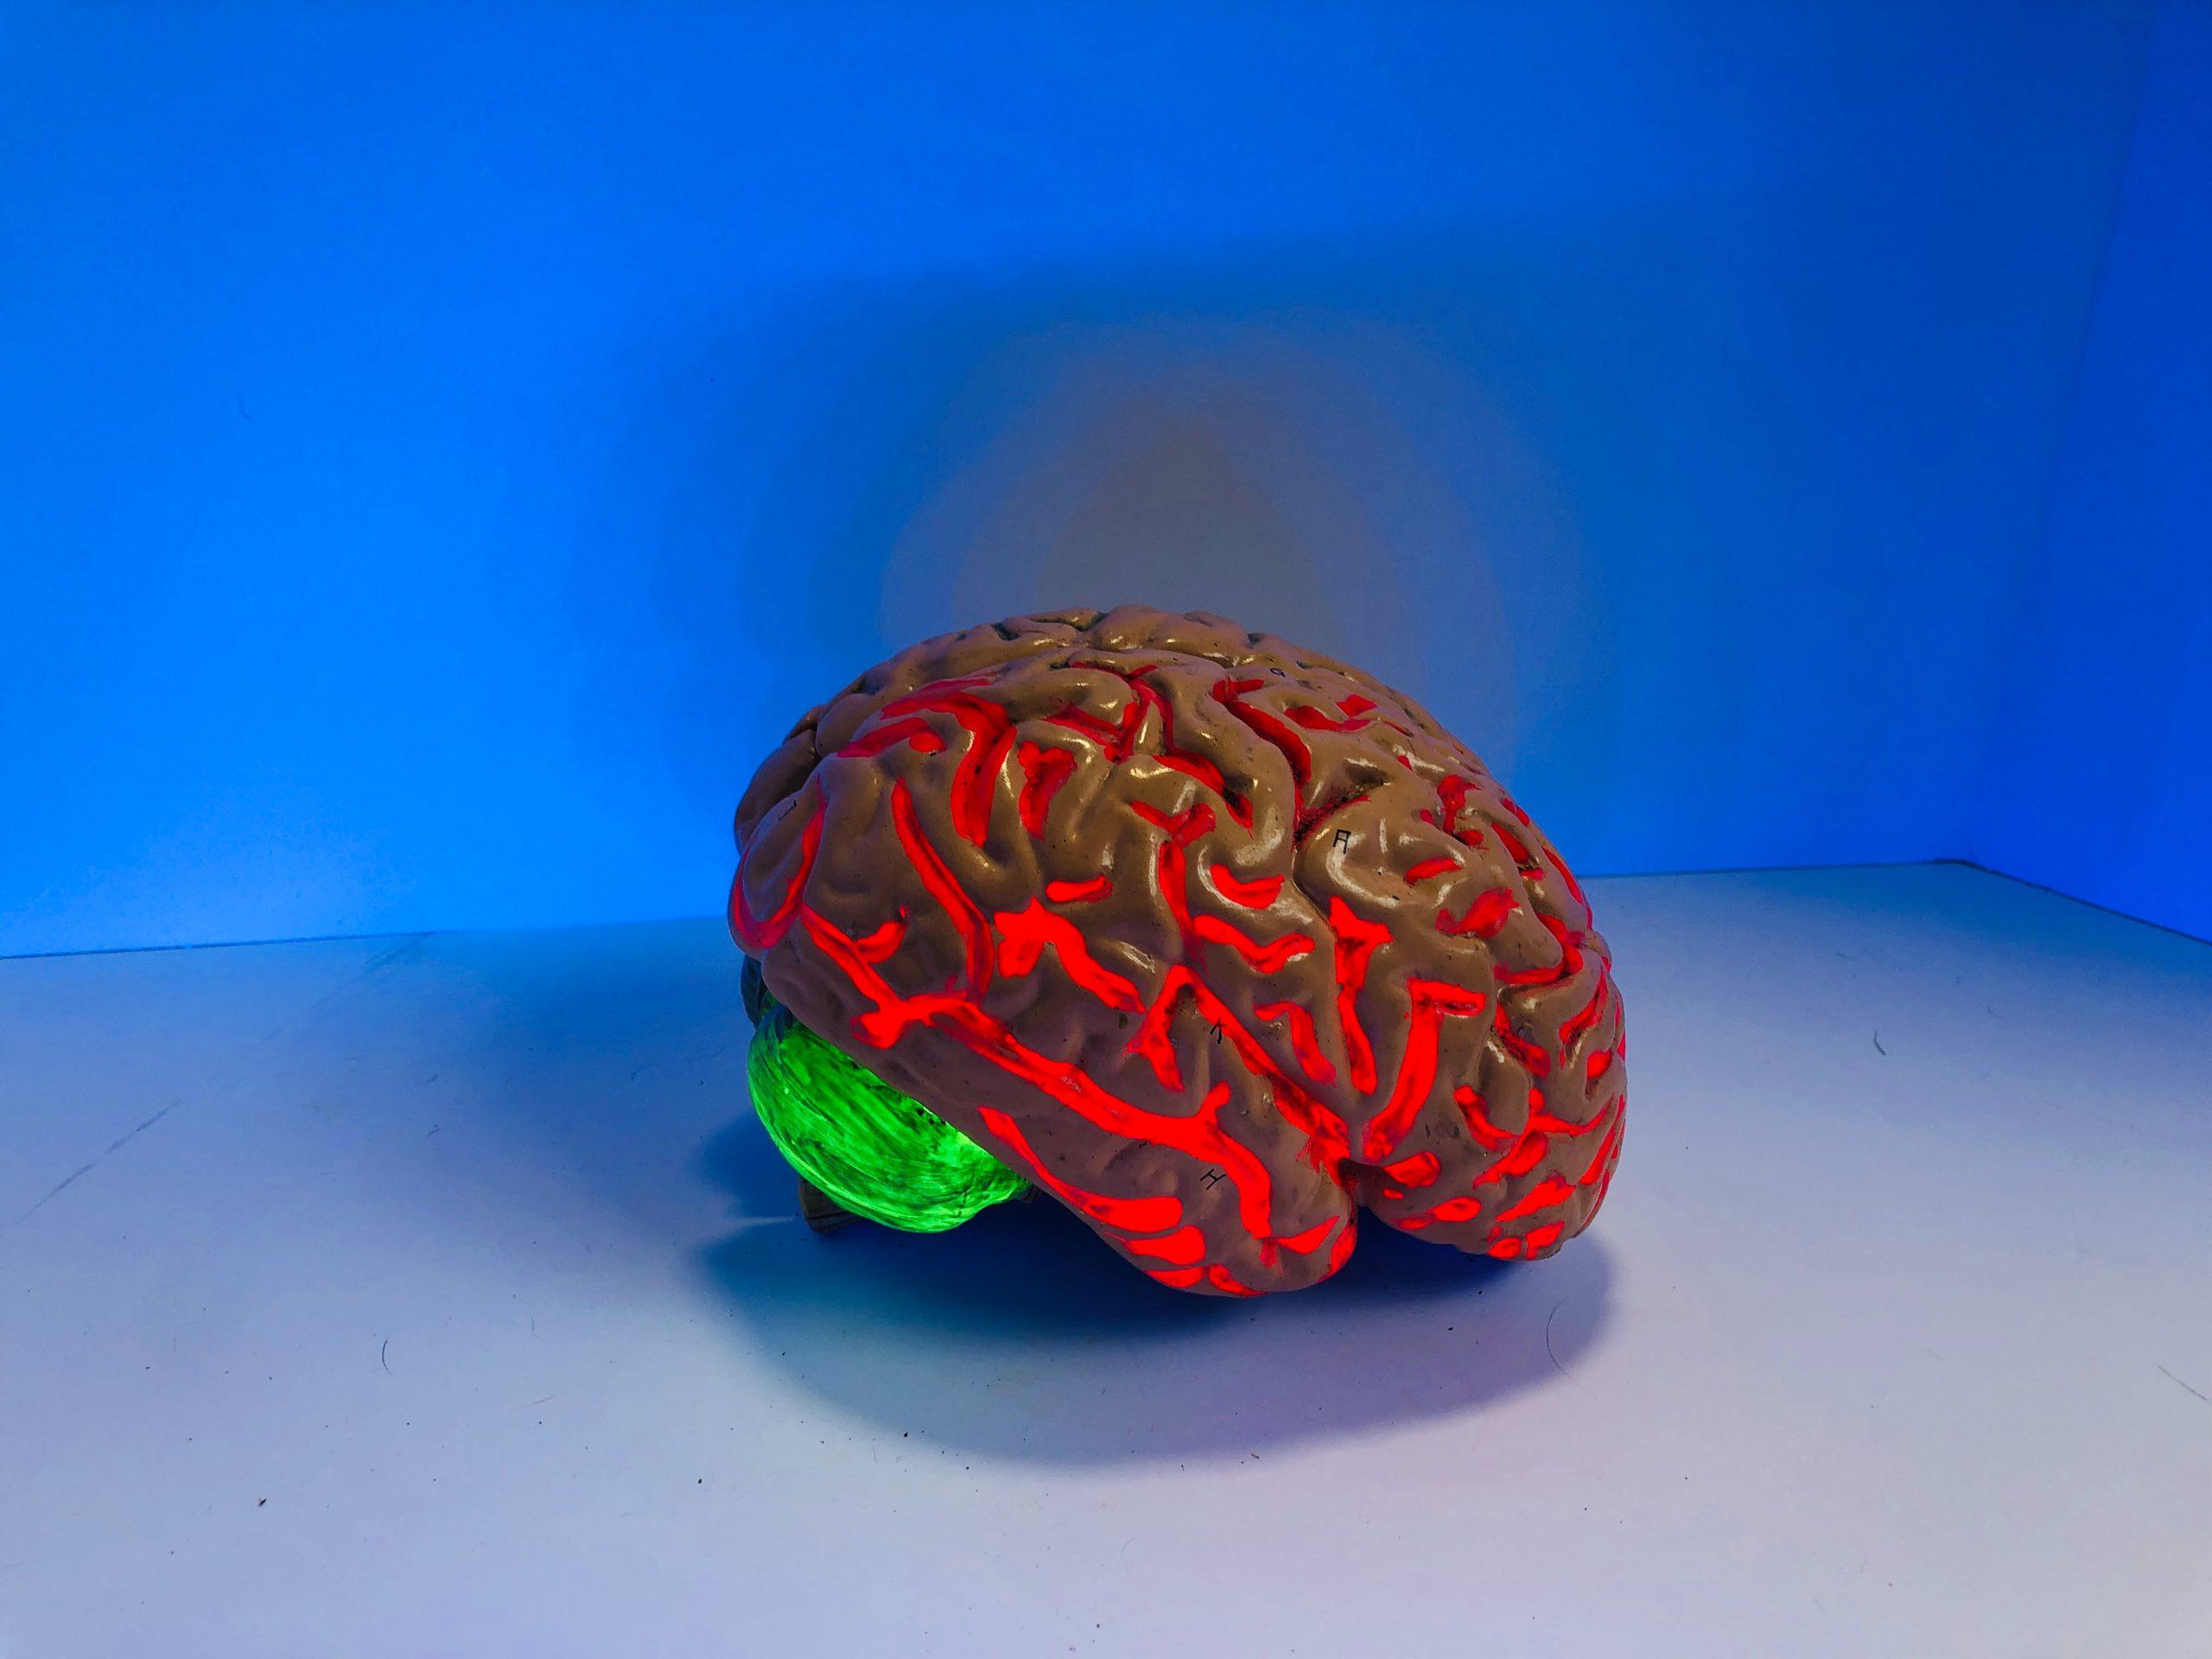 Mózg jako narzędzie terapii biofeedback